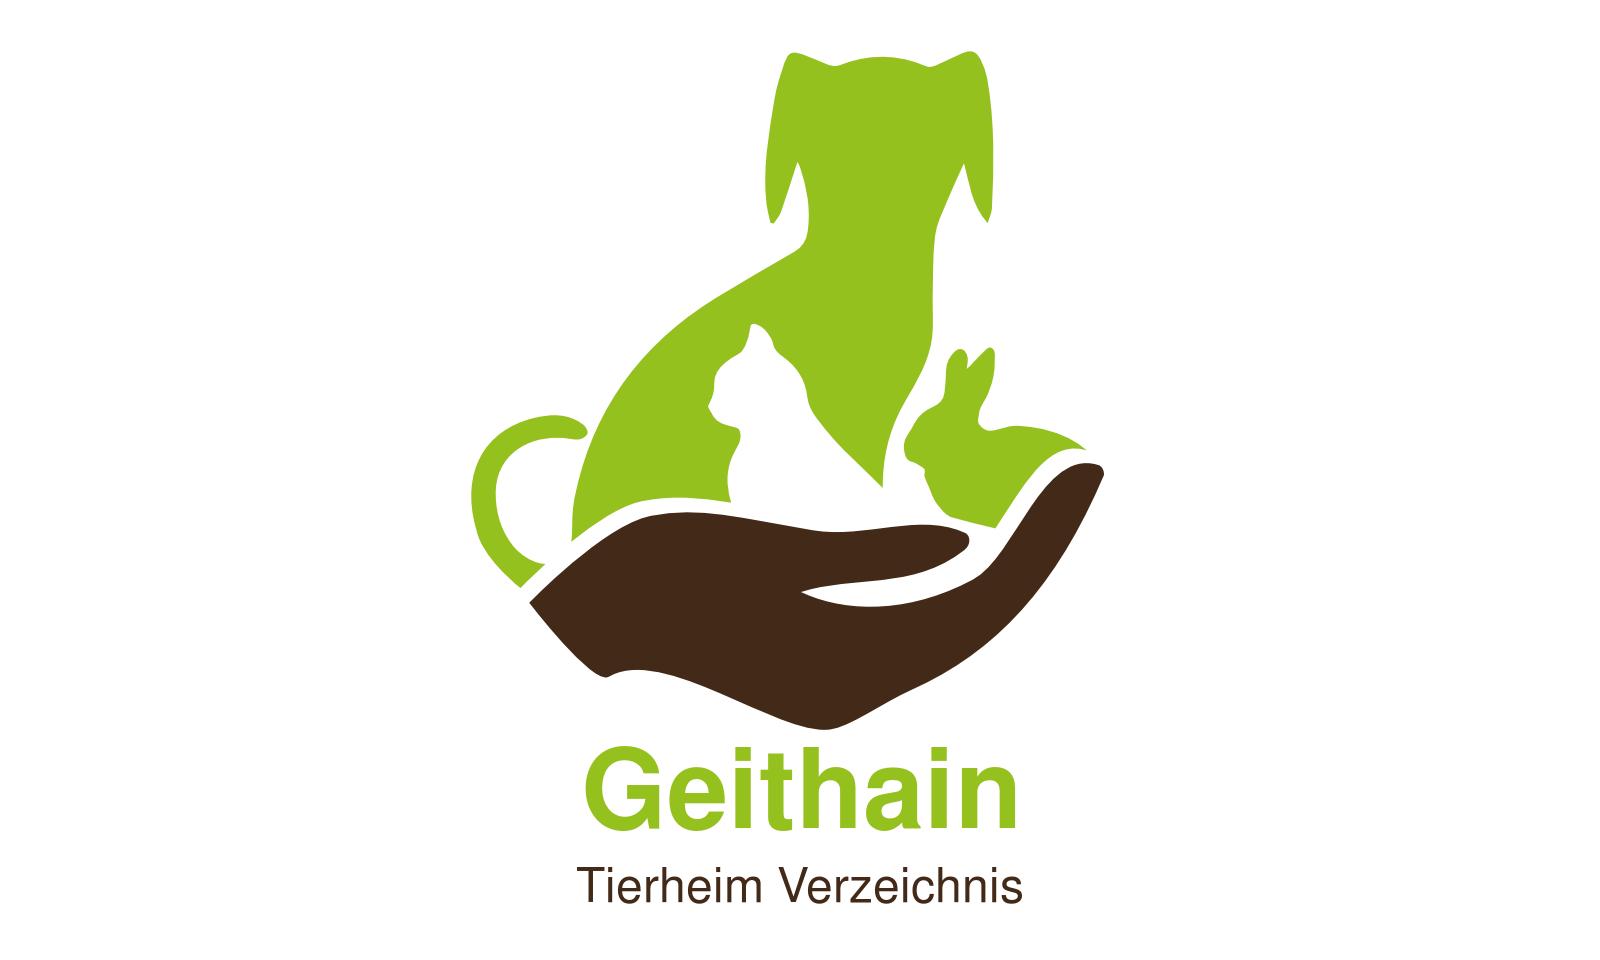 Tierheim Geithain